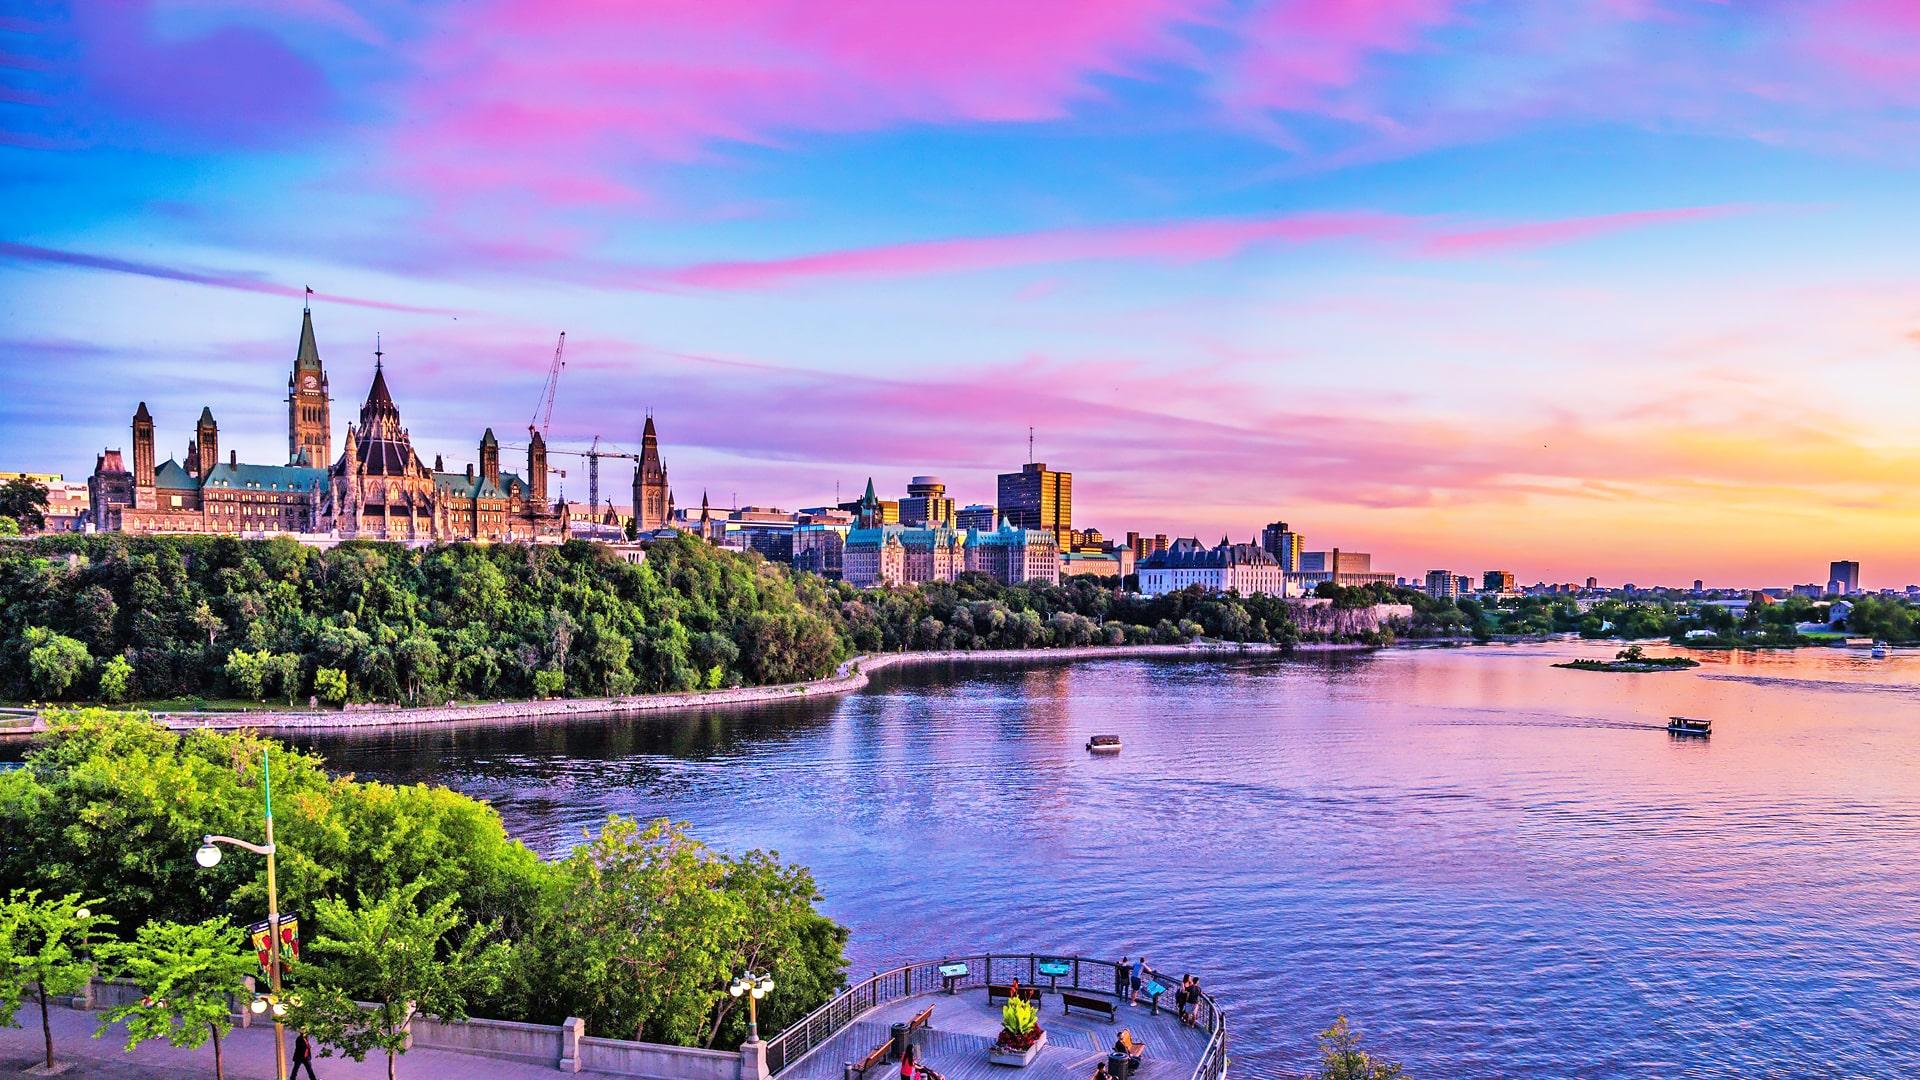 Estudiar un año escolar en colegios públicos de Upper Canada School District en Cornwall, Ontario y Quebec (Canadá)